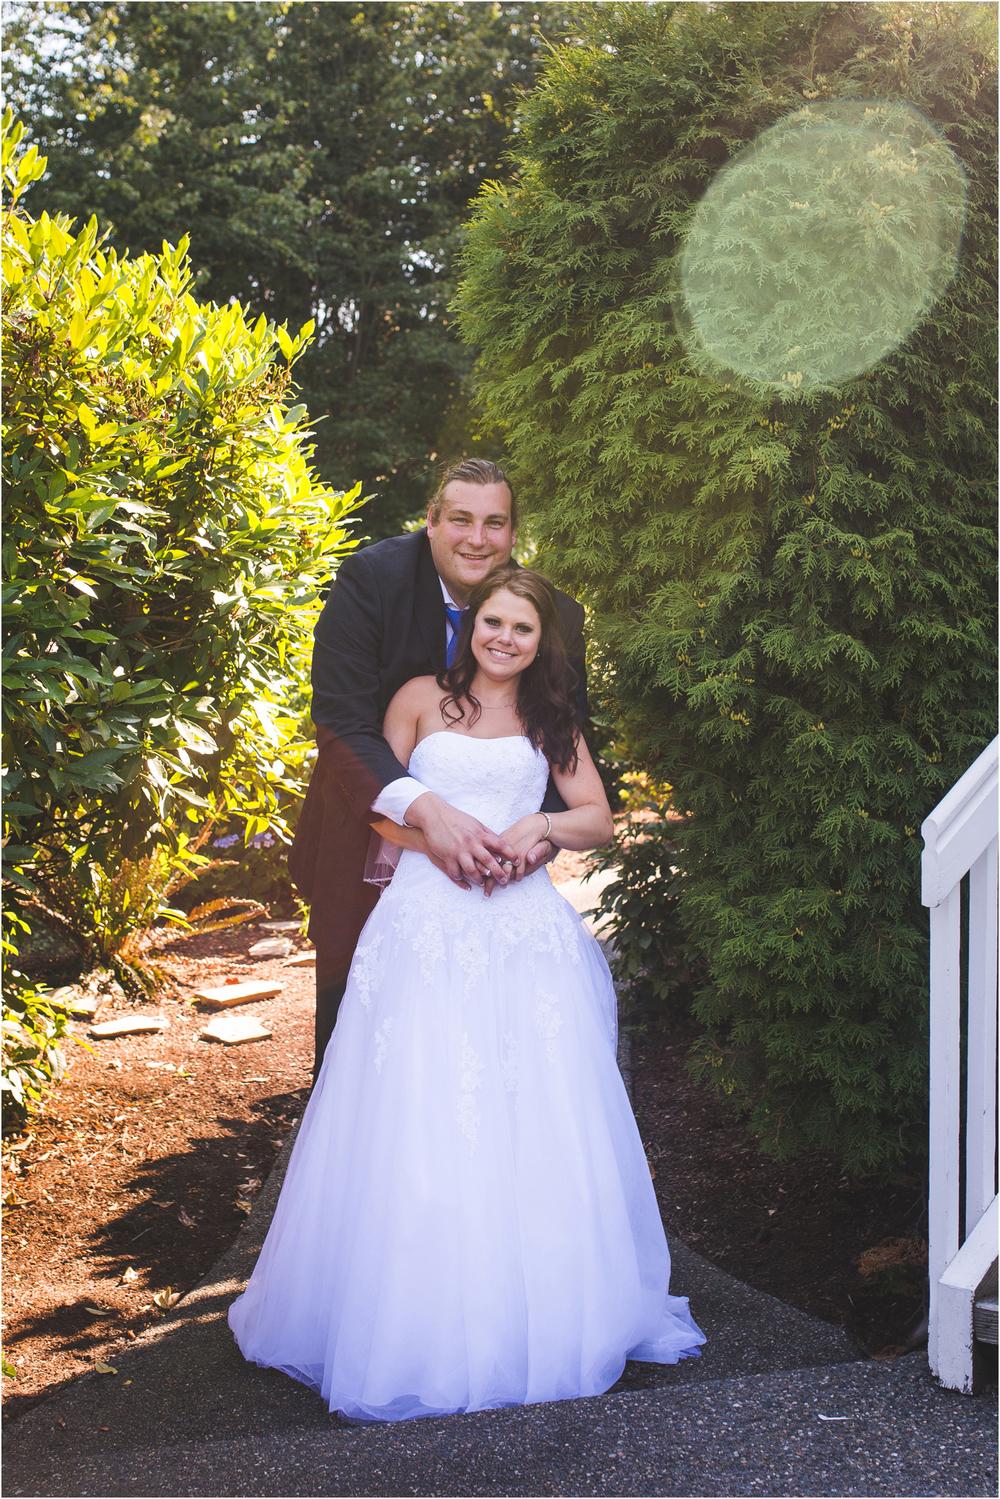 ashley vos photography seattle tacoma area engagement wedding photographer_0518.jpg